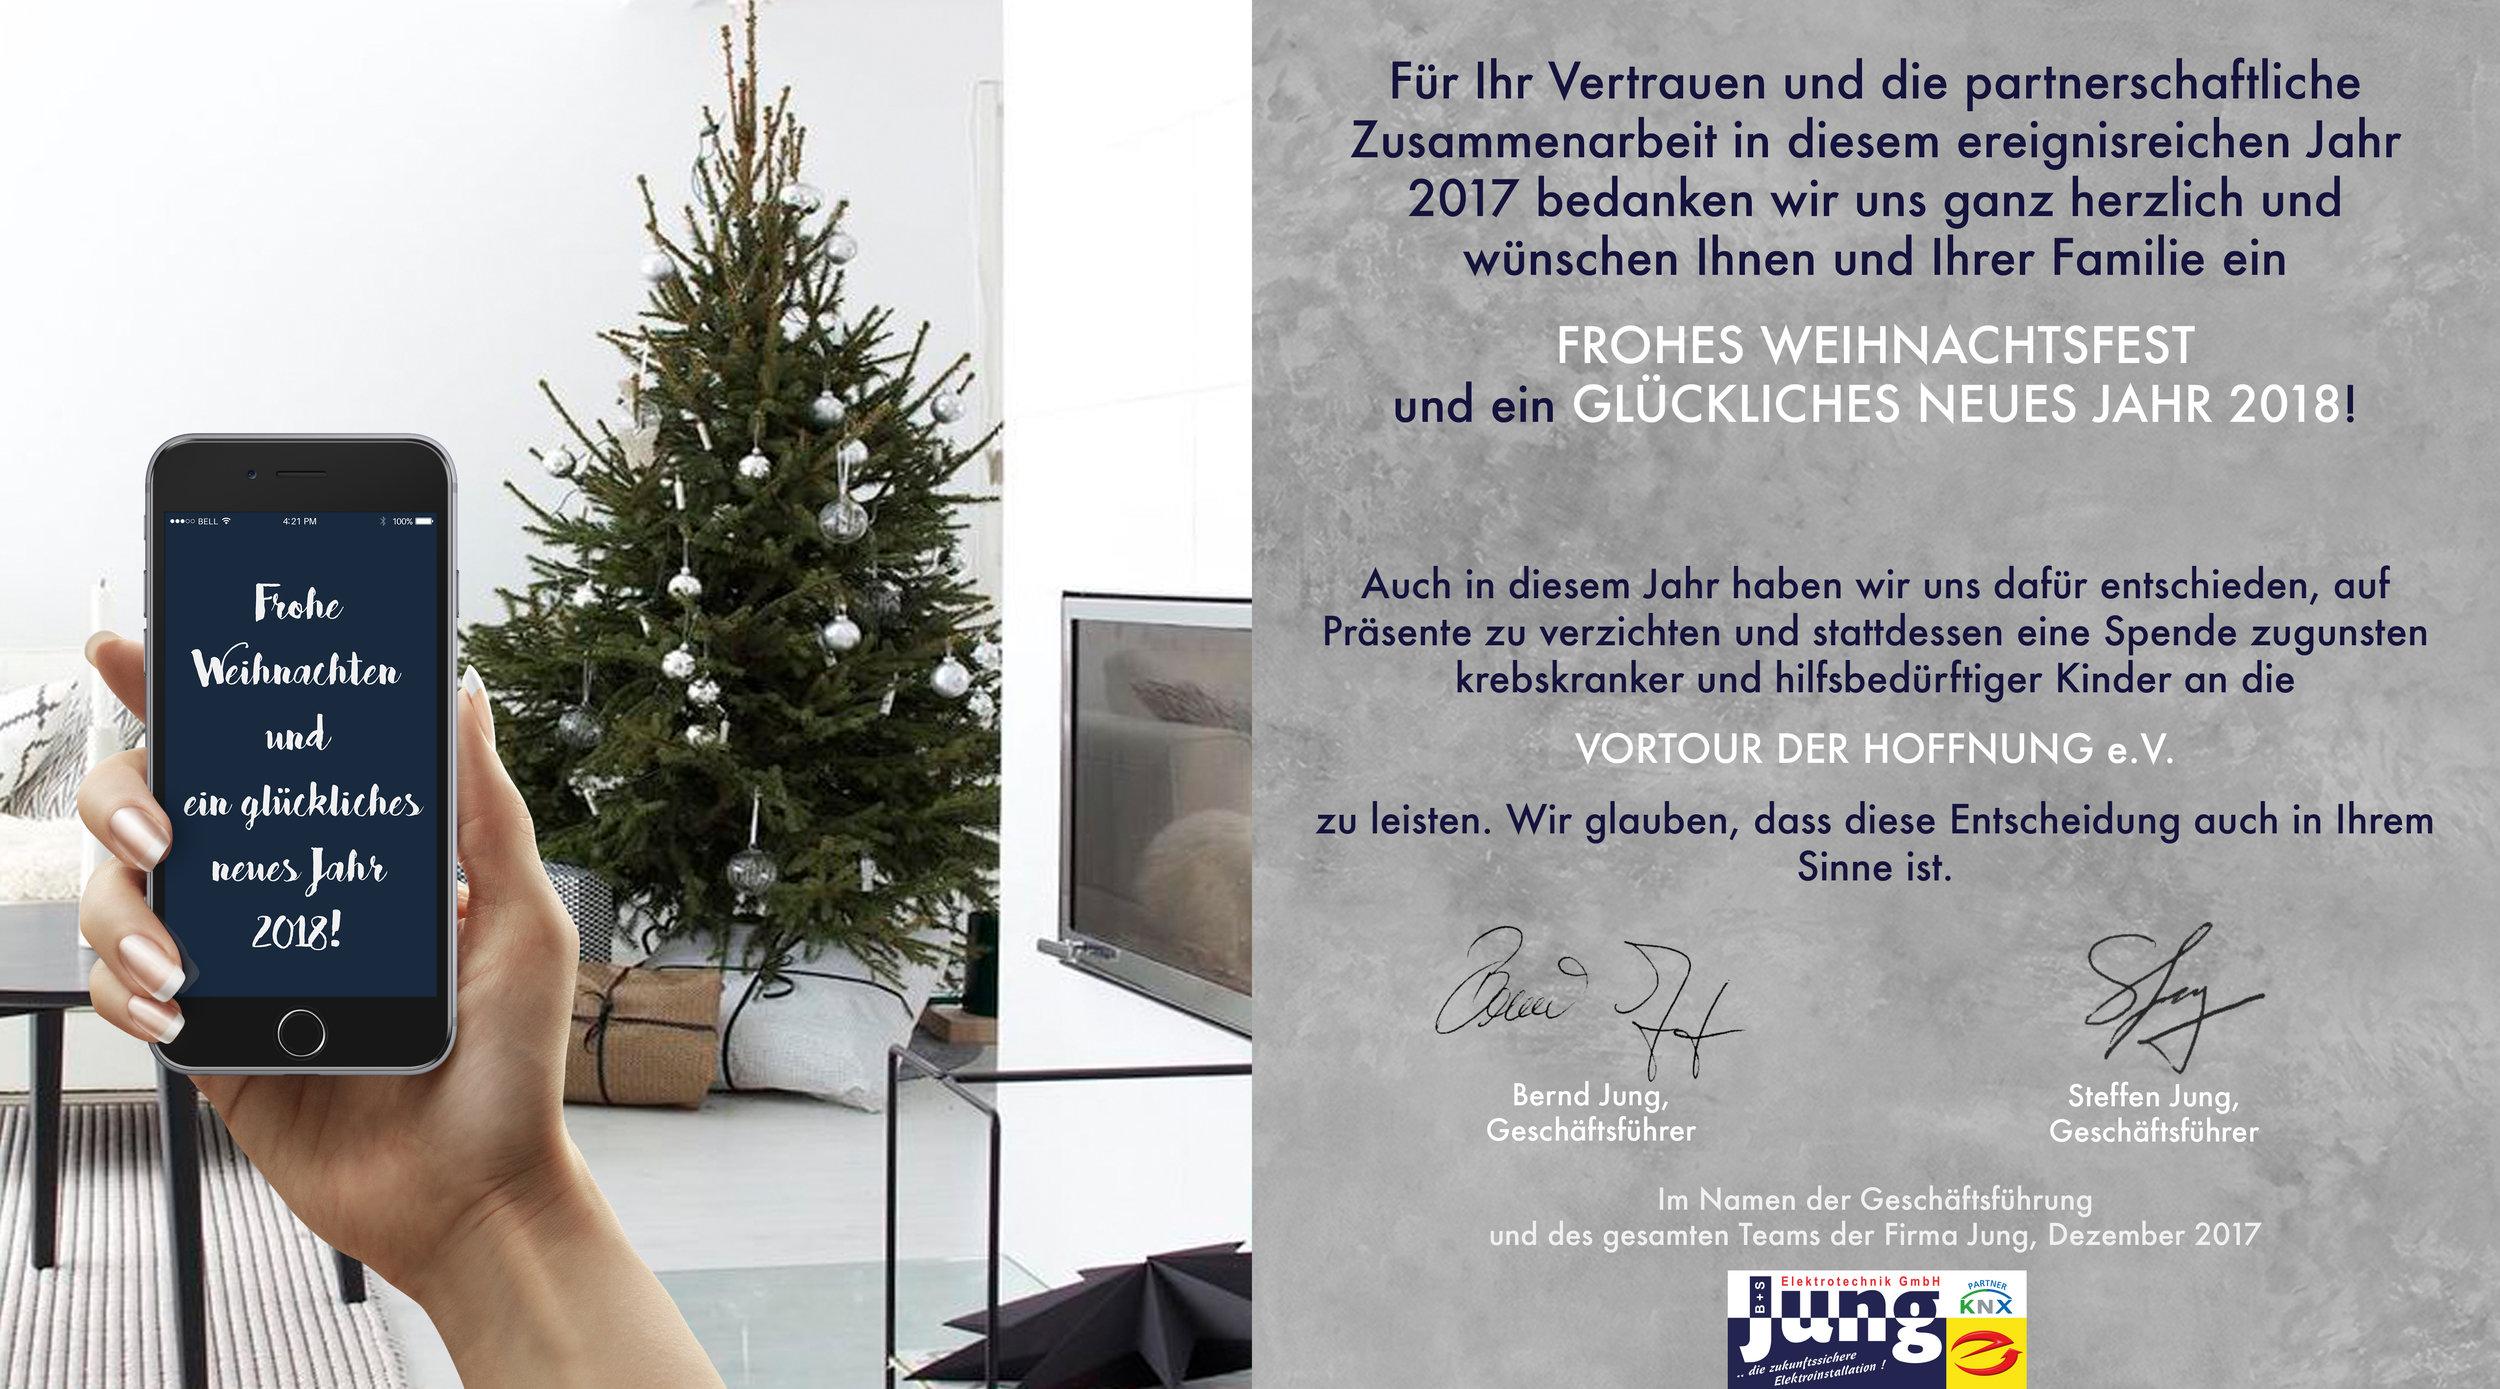 weihnachtsgruss-2.jpg